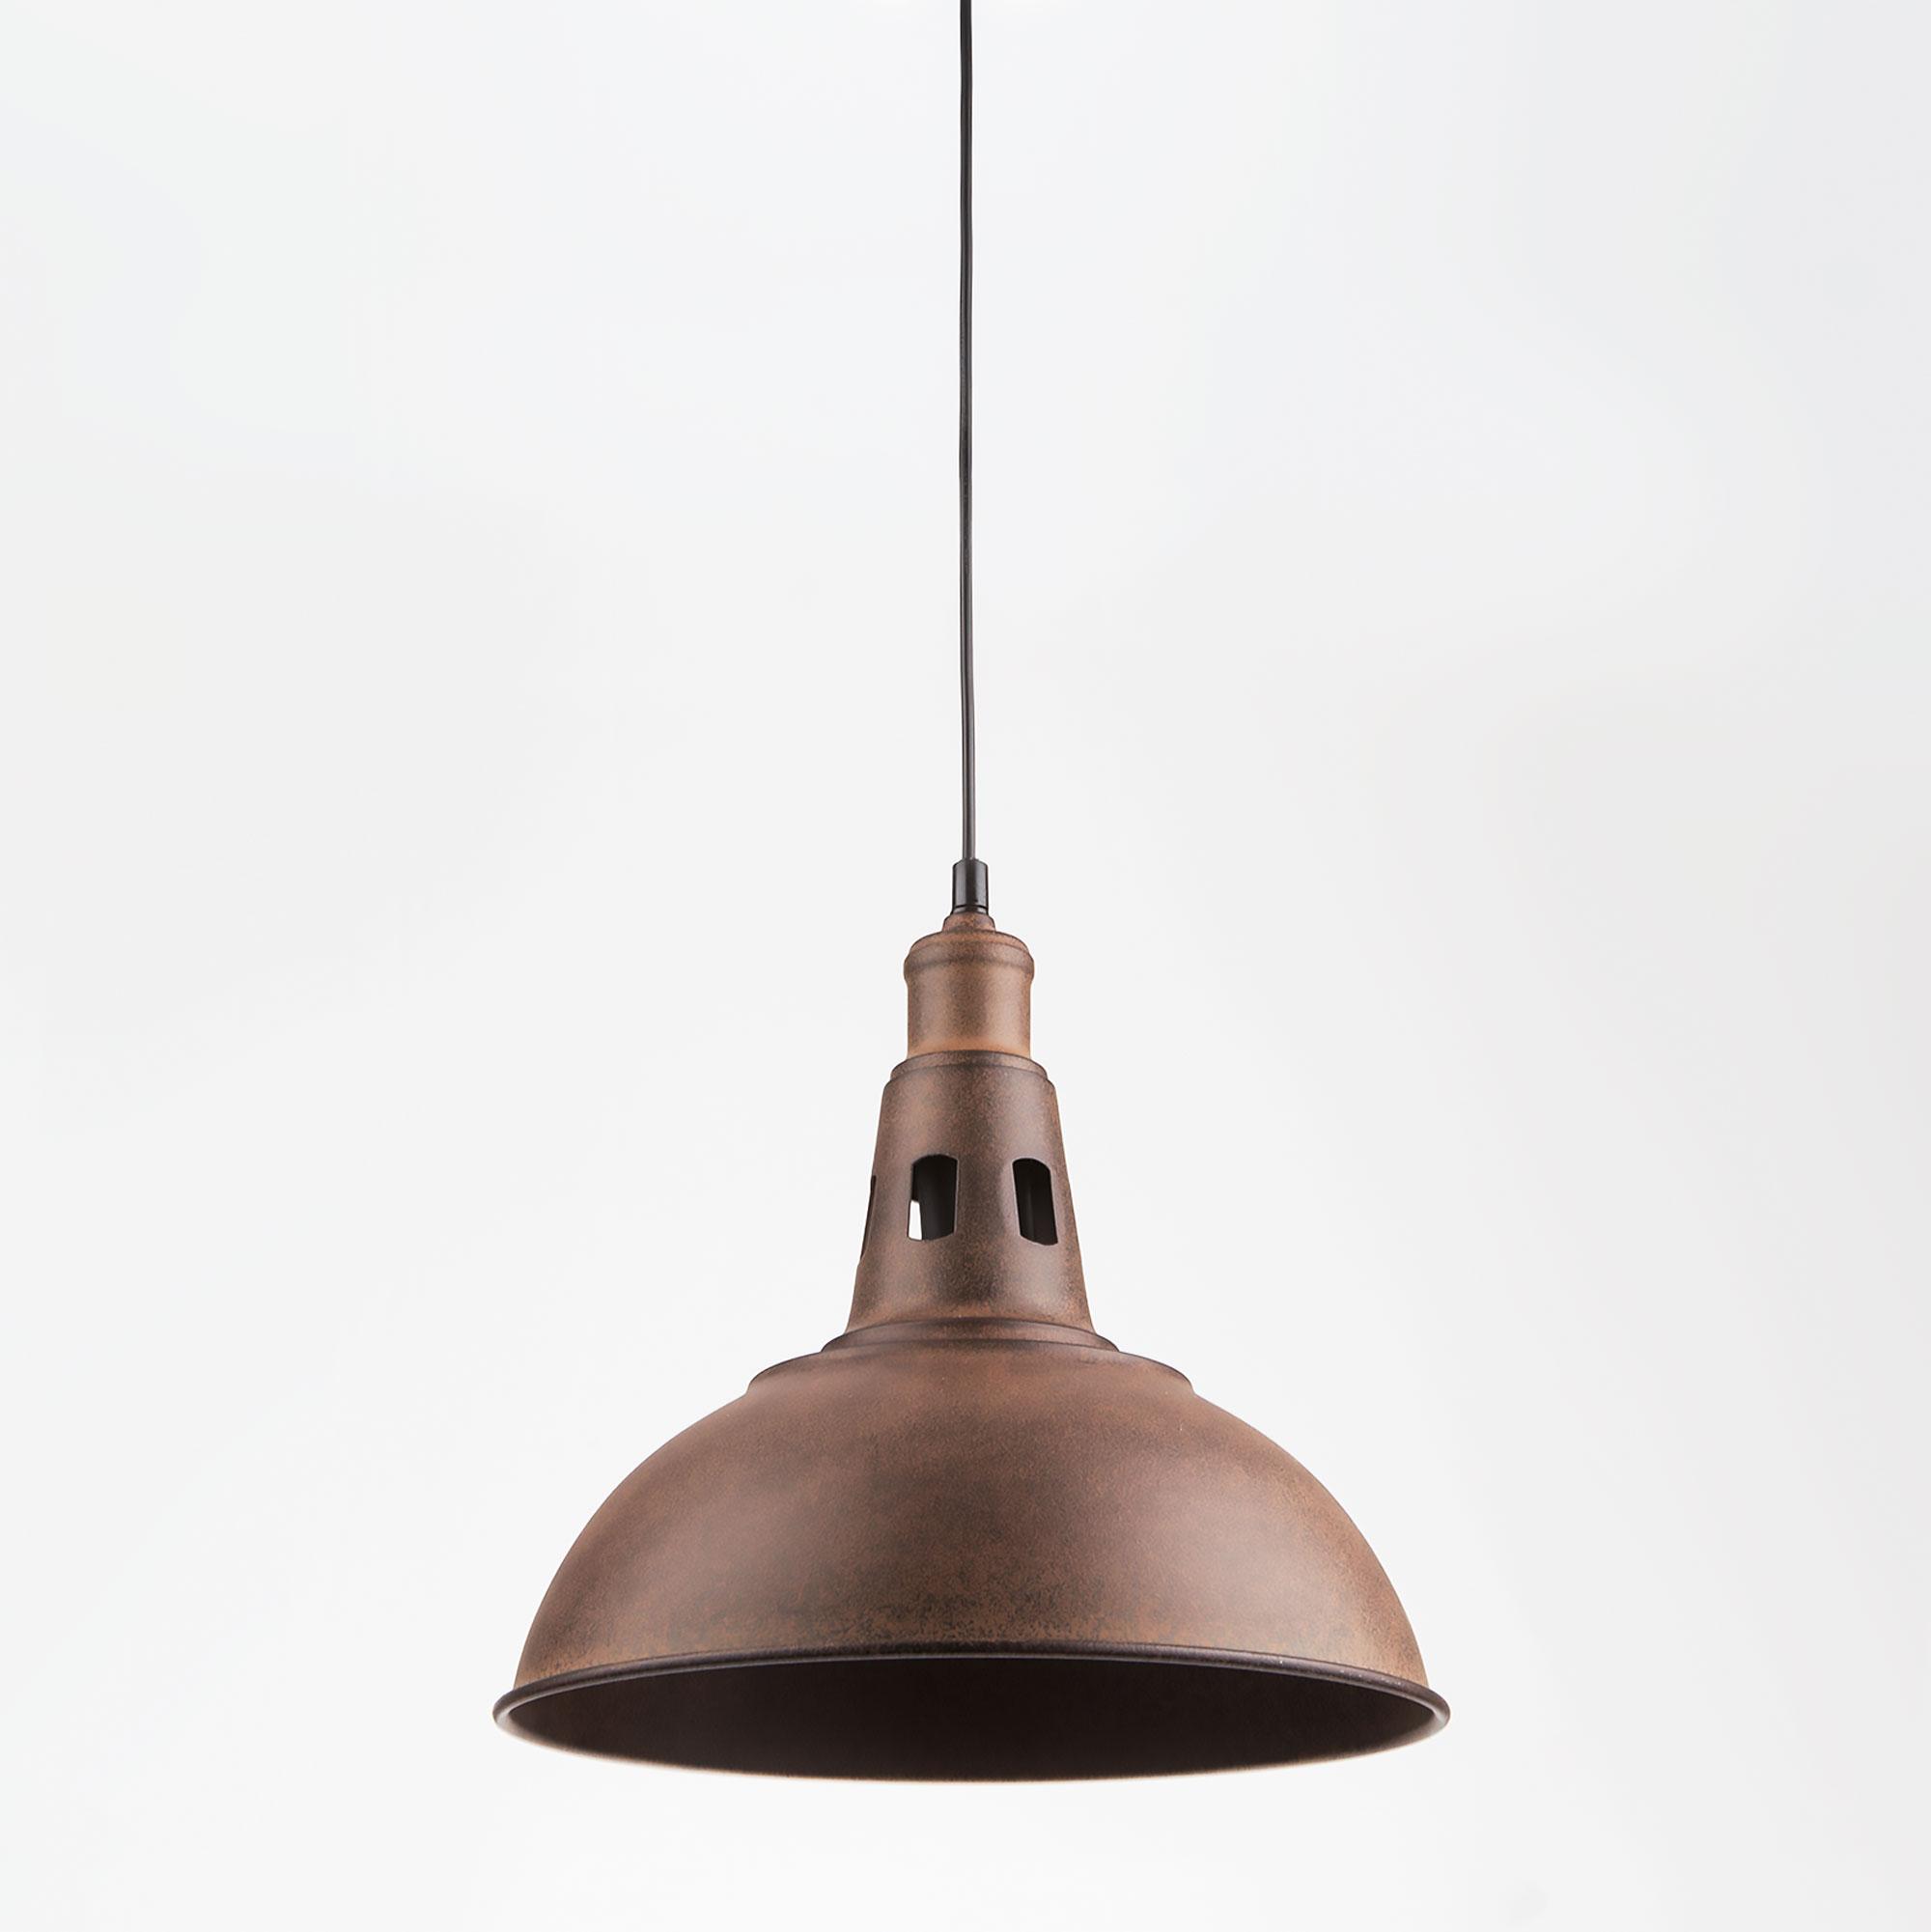 Подвесной светильник Евросвет Copper 50052/1 патинированный черный фото